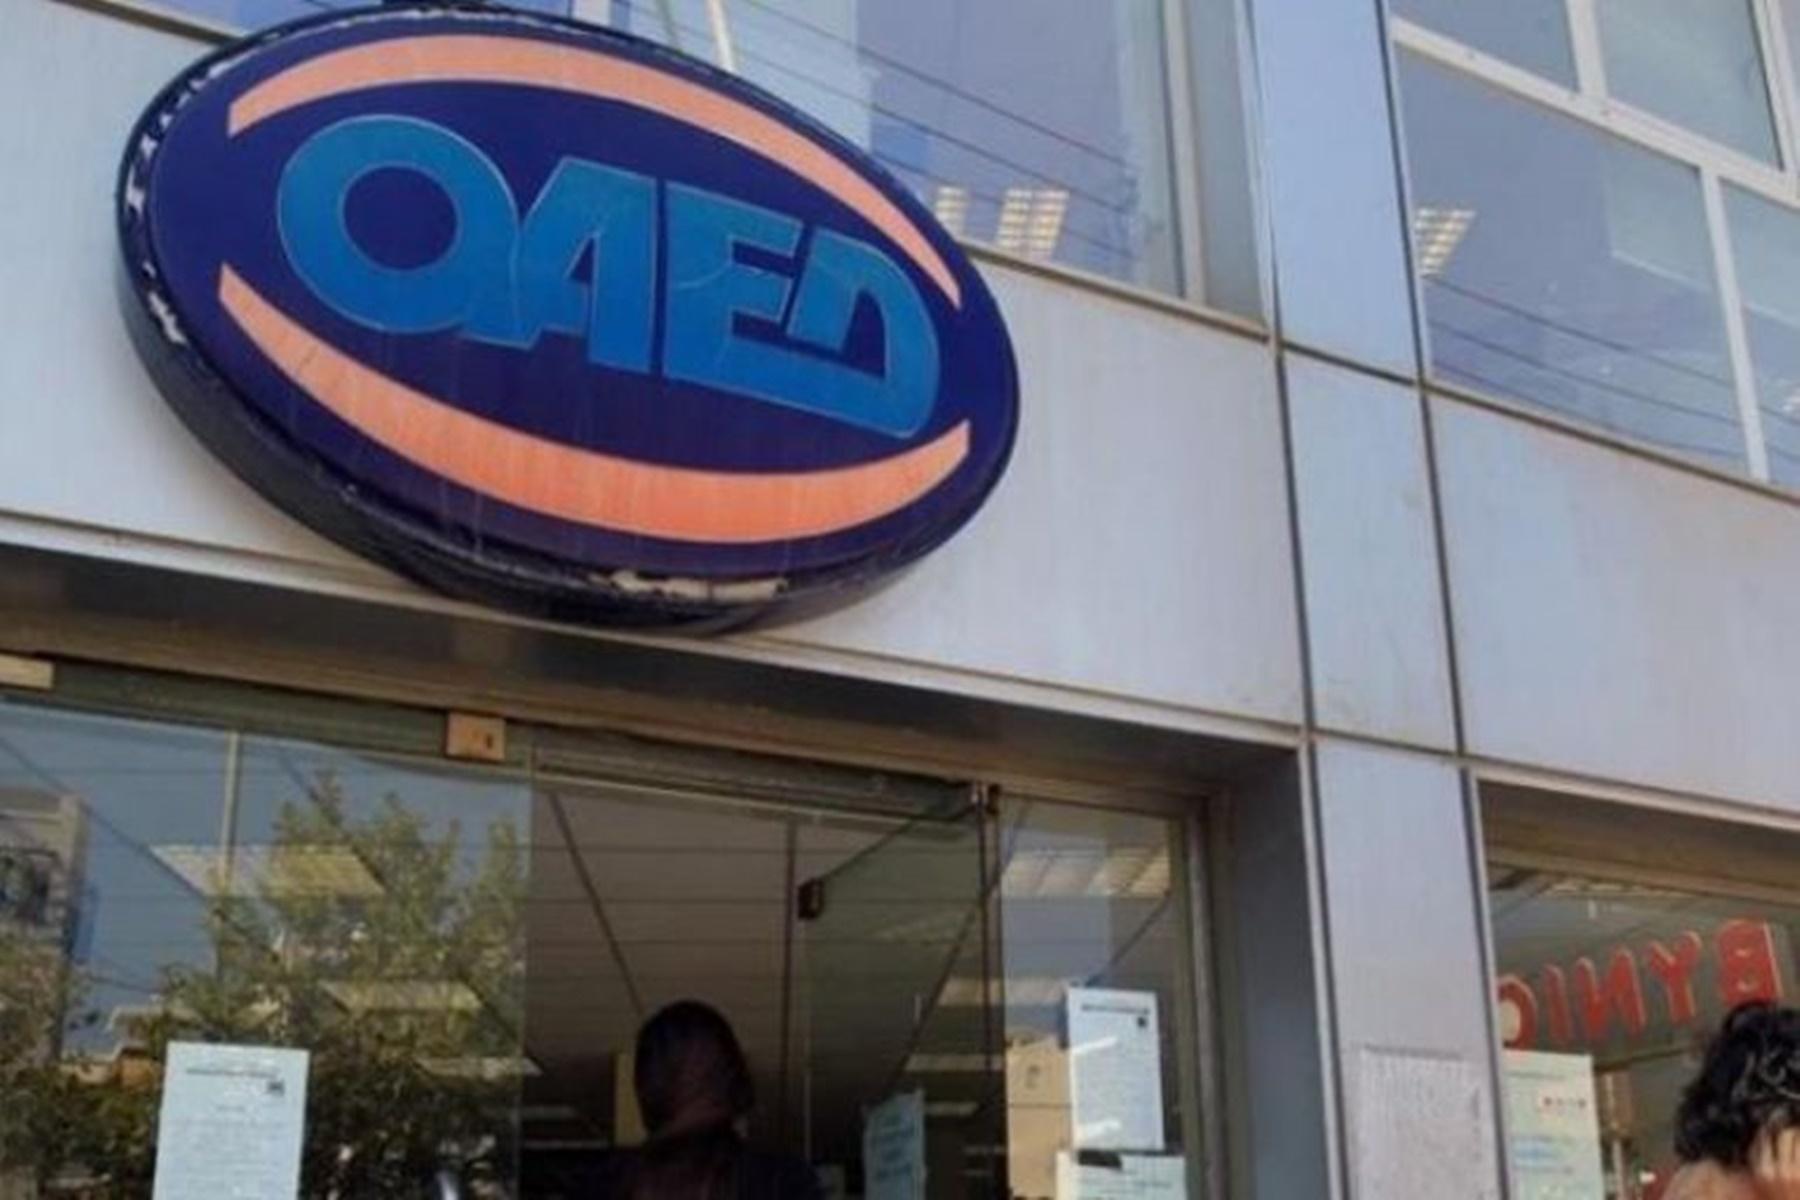 ΟΑΕΔ : Παράταση στις αιτήσεις συμμετοχής τουριστικών καταλυμάτων